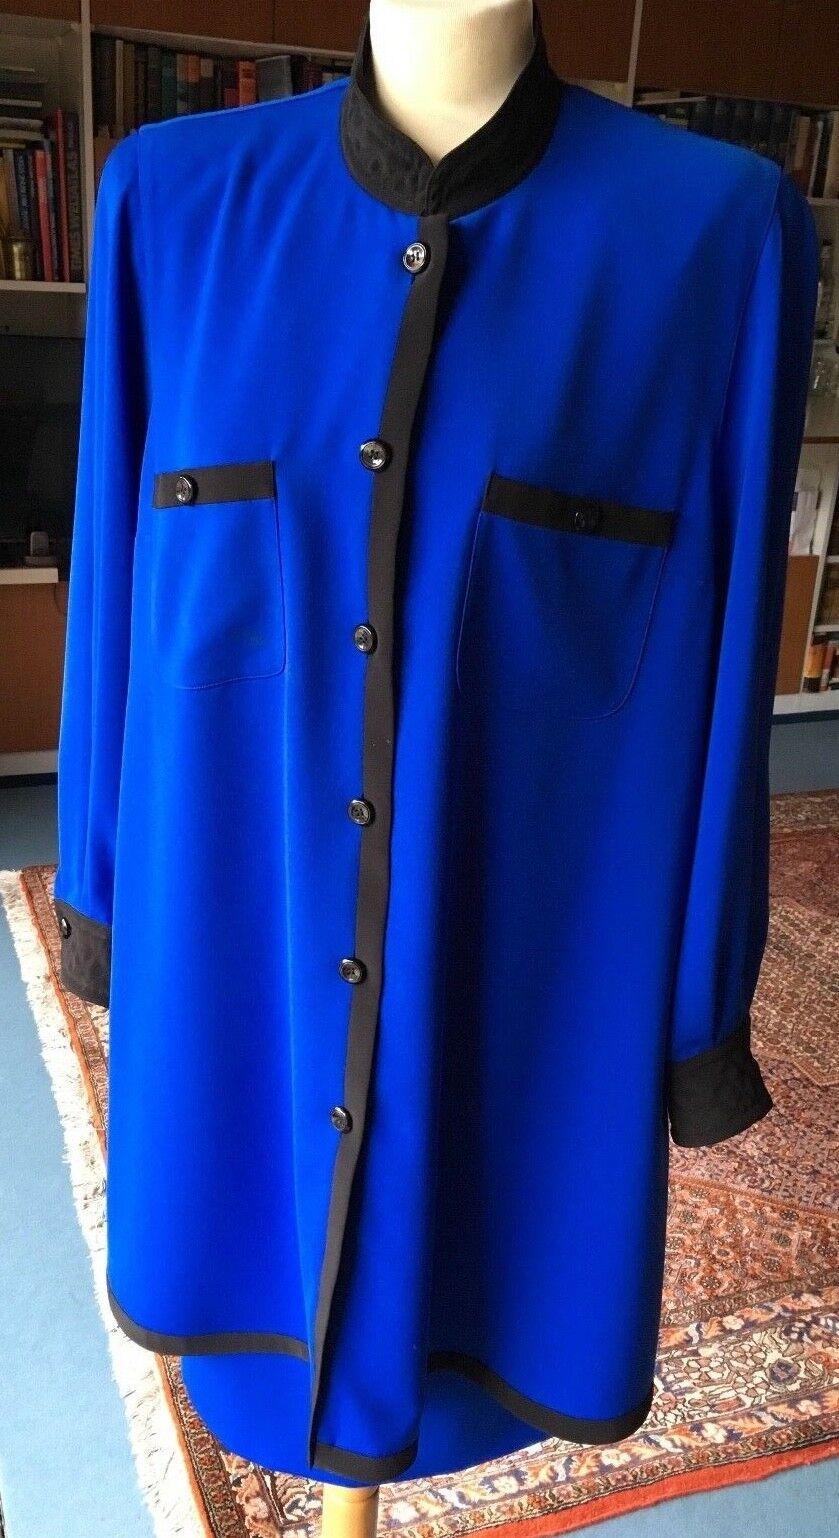 TH. BRAUN royal blaues Kostüm Blause Rock Gr. 44  Kleid Tunika Zweiteiler SUPER